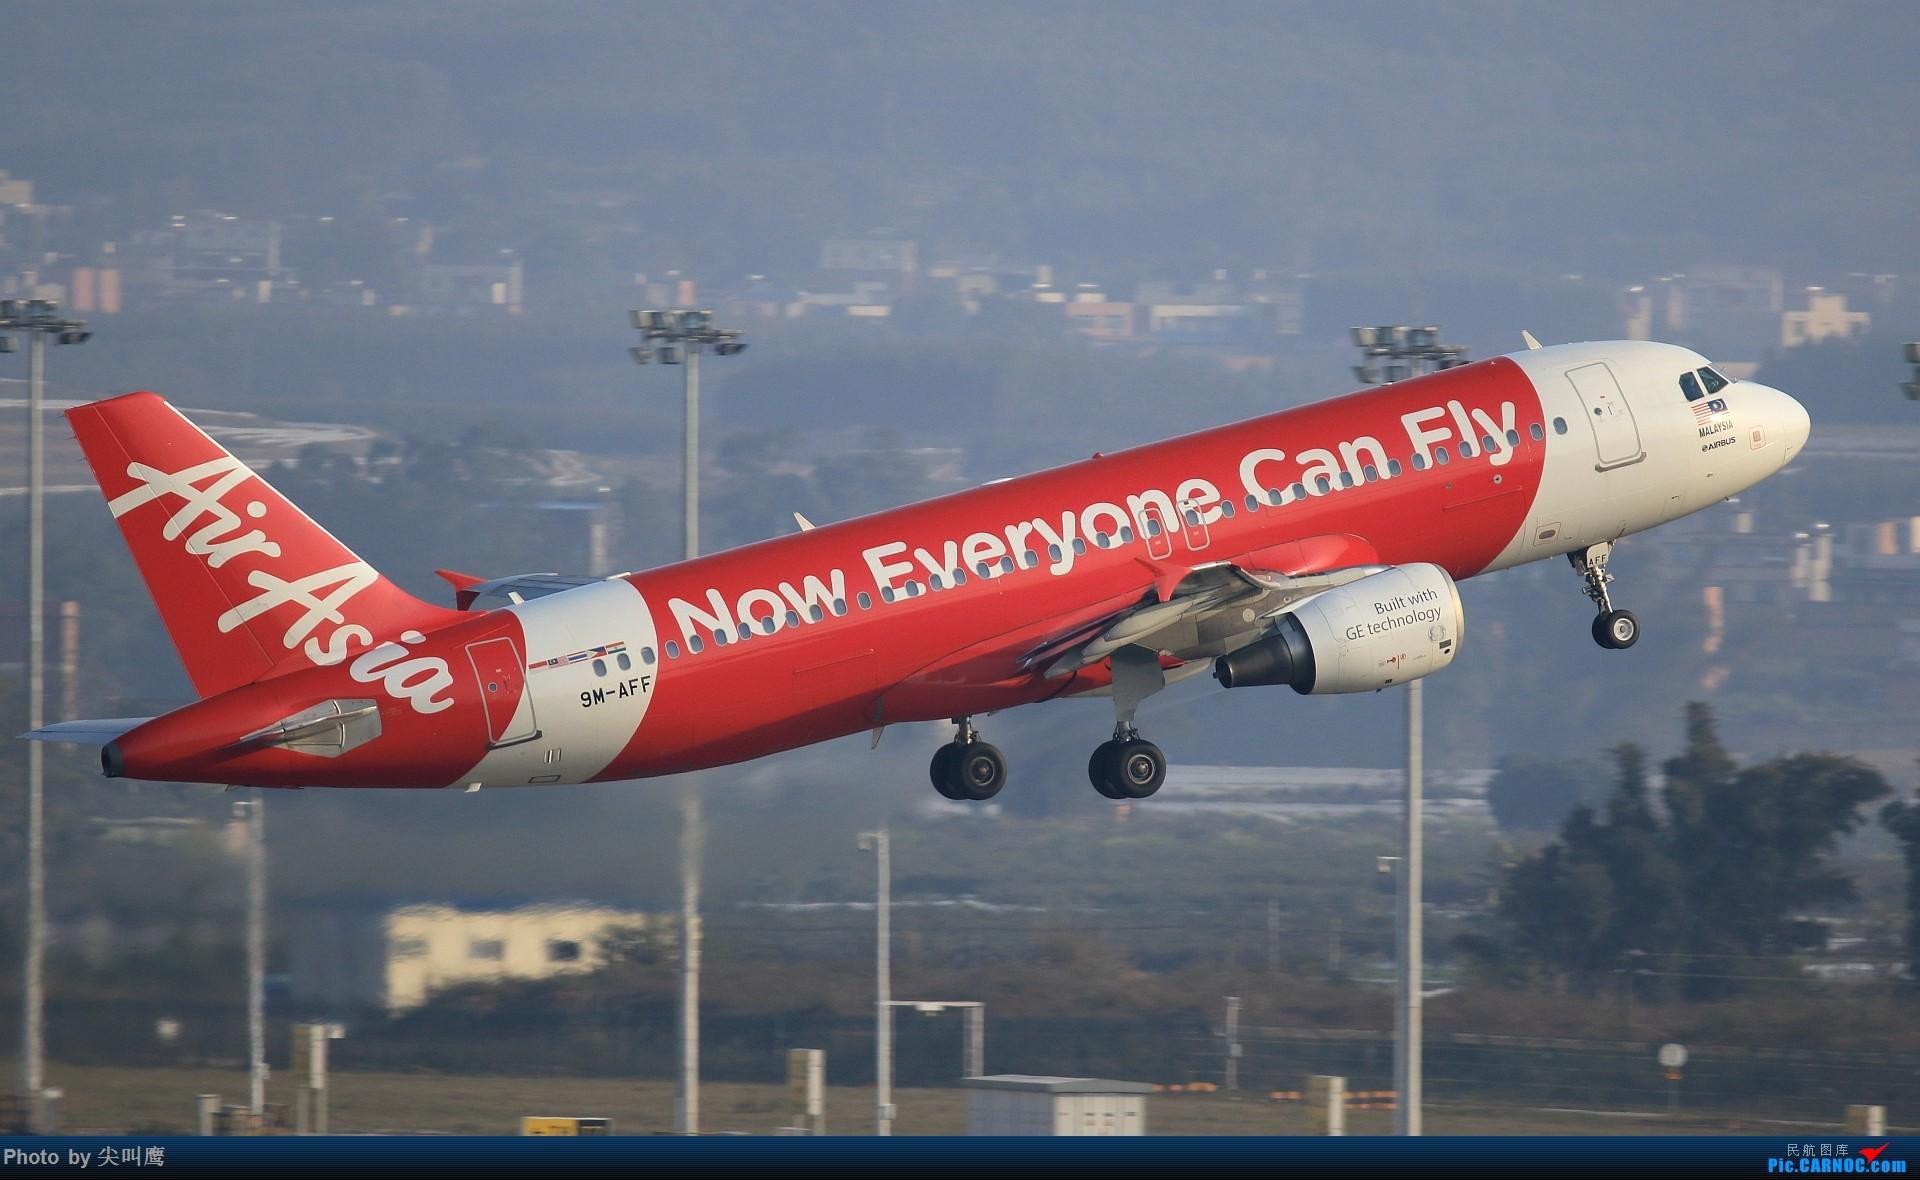 Re:[原创]NNG的马来西亚亚航小合集 AIRBUS A320-200 9M-AFF 中国南宁吴圩国际机场